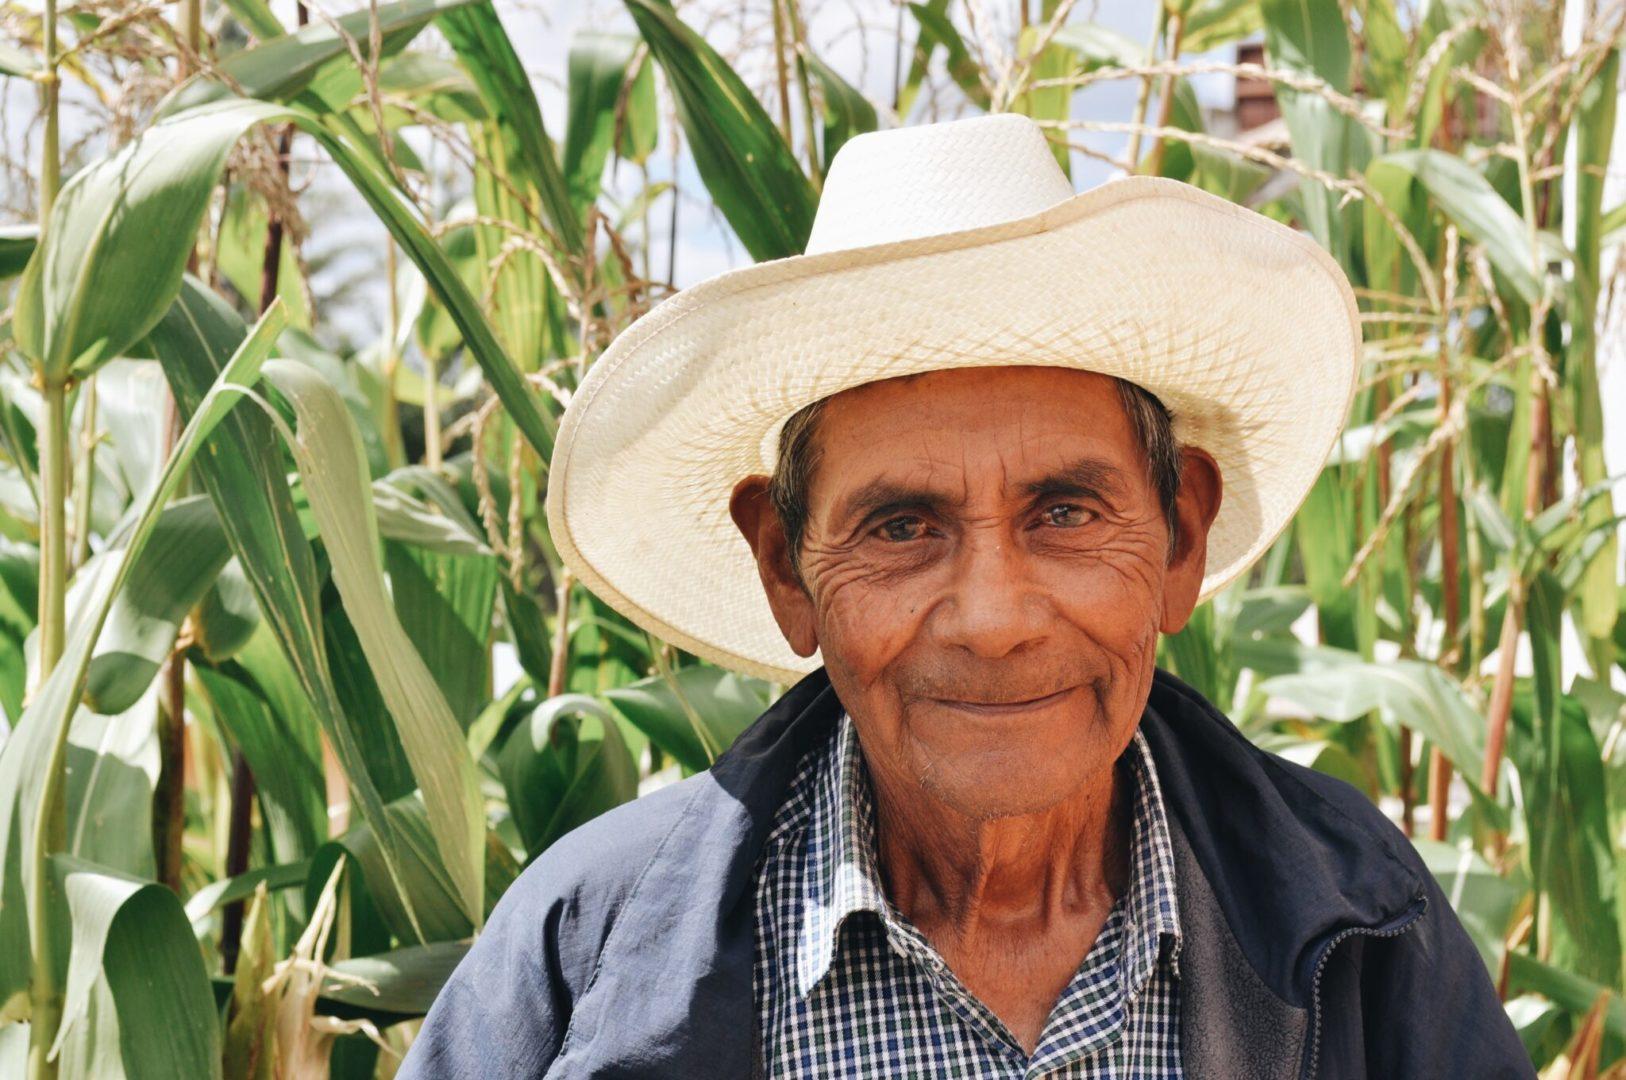 Antonio, a Mixtec community member in Oaxaca